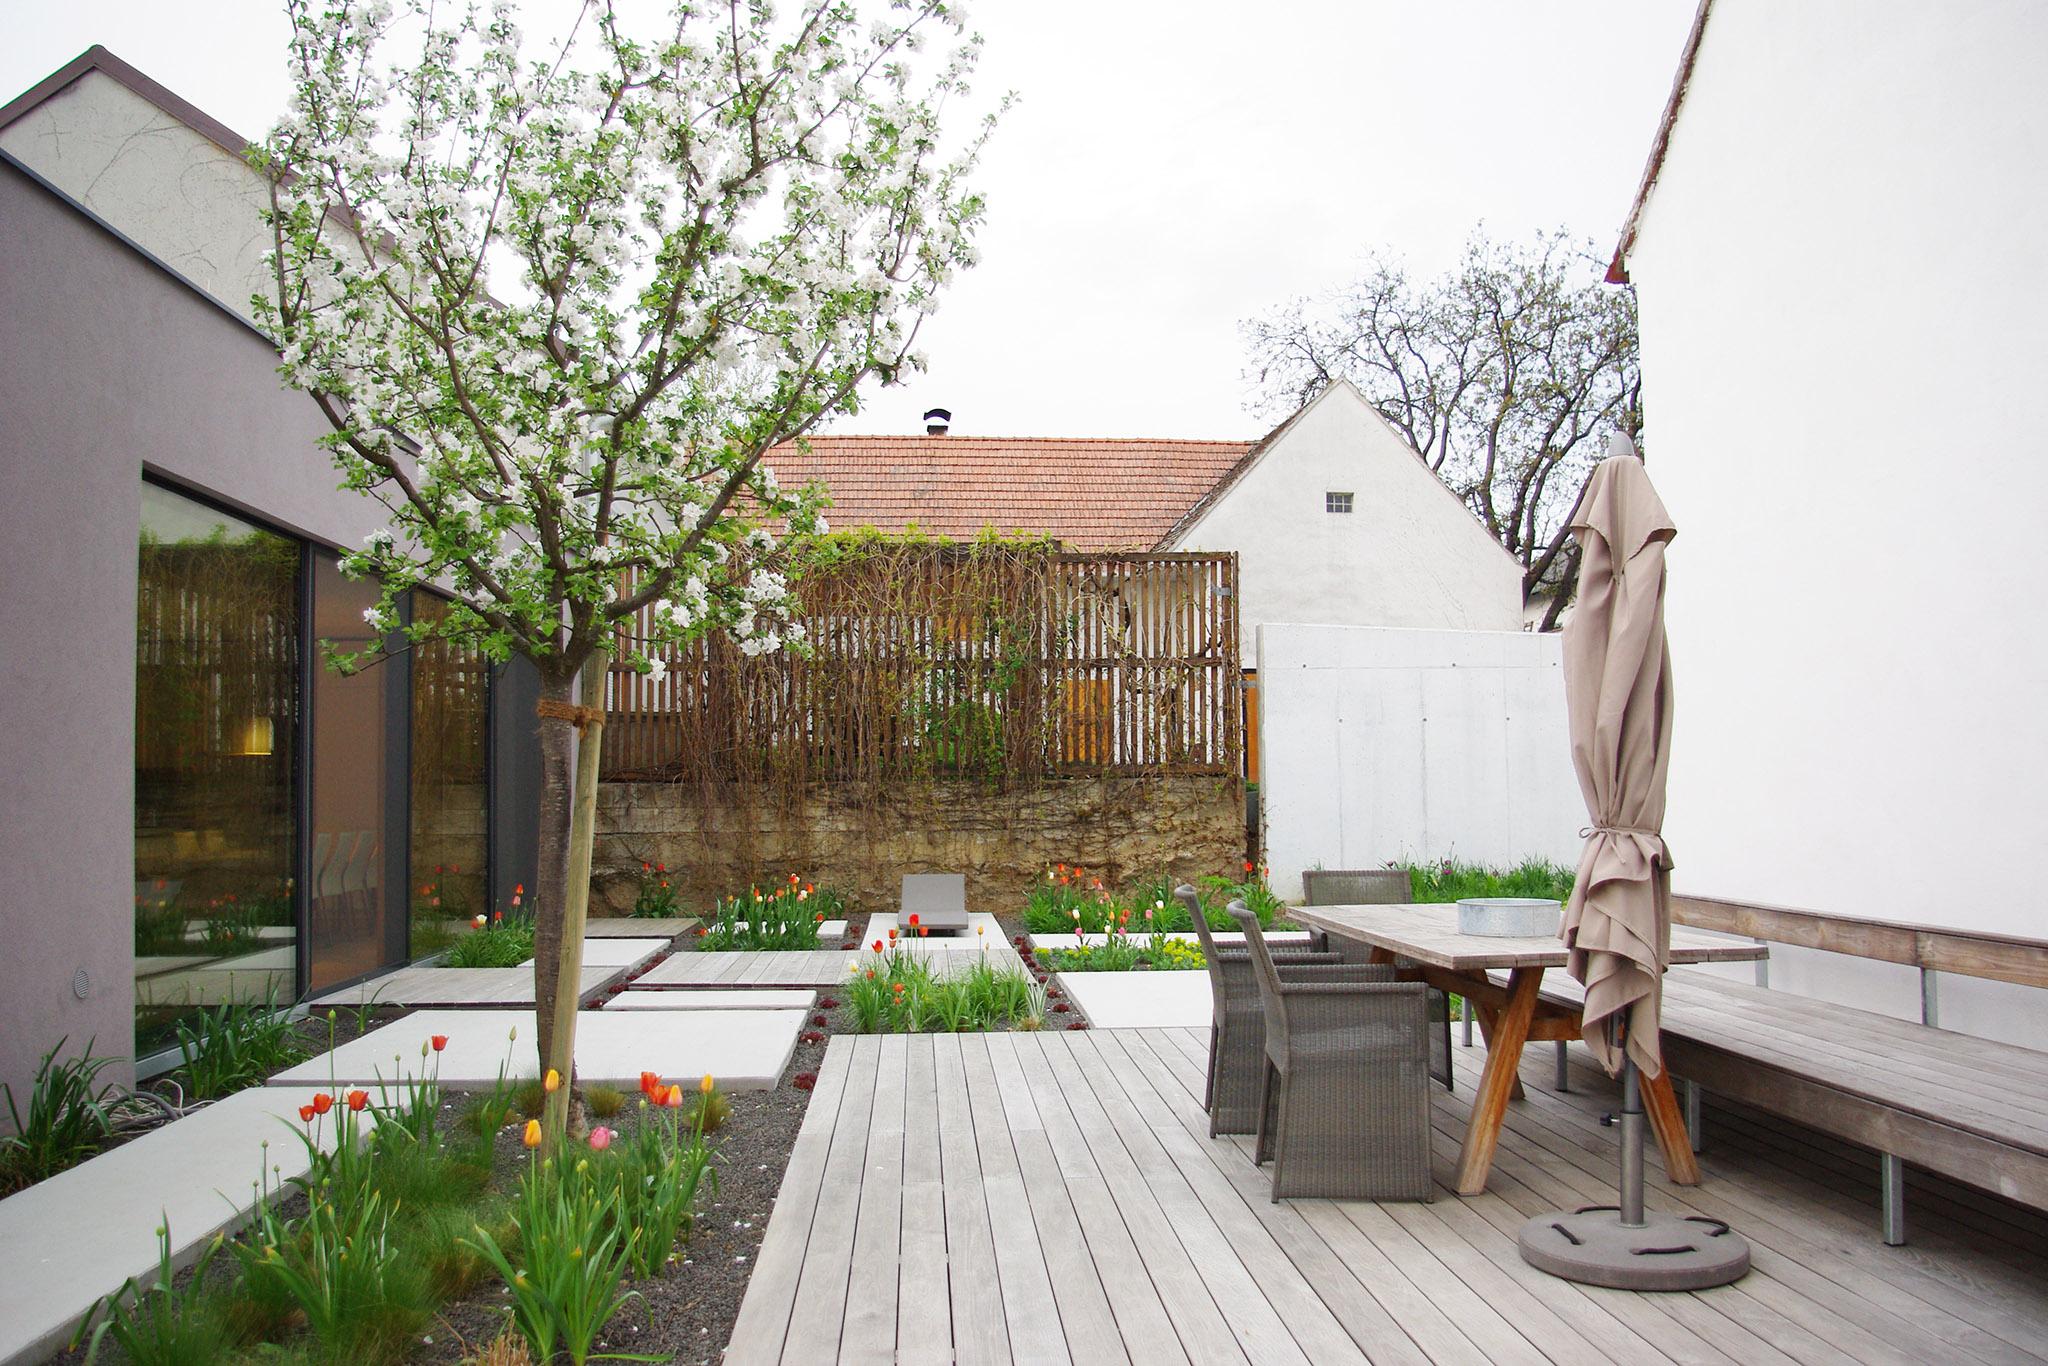 Patchwork Garten 30 Landschaftsarchitektur